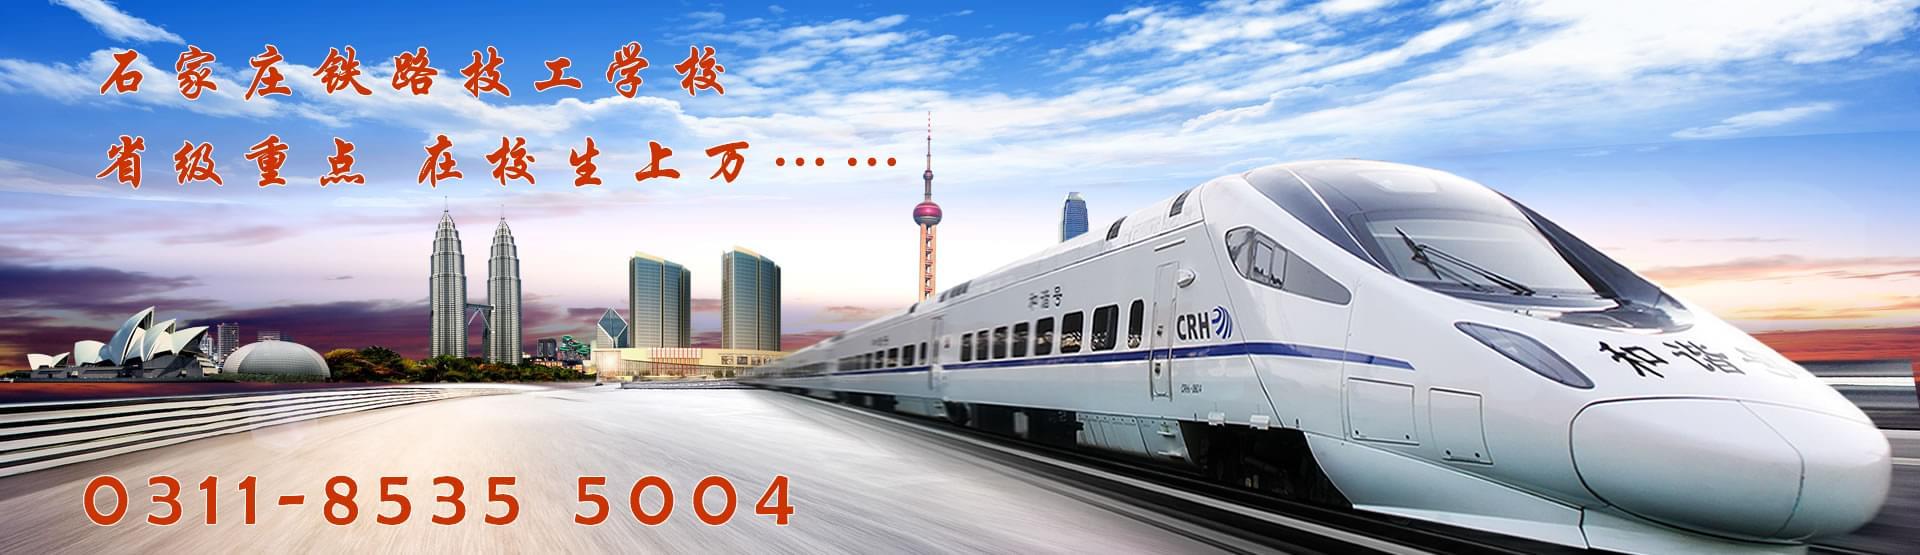 2012年铁路技校优惠政策7月底截止